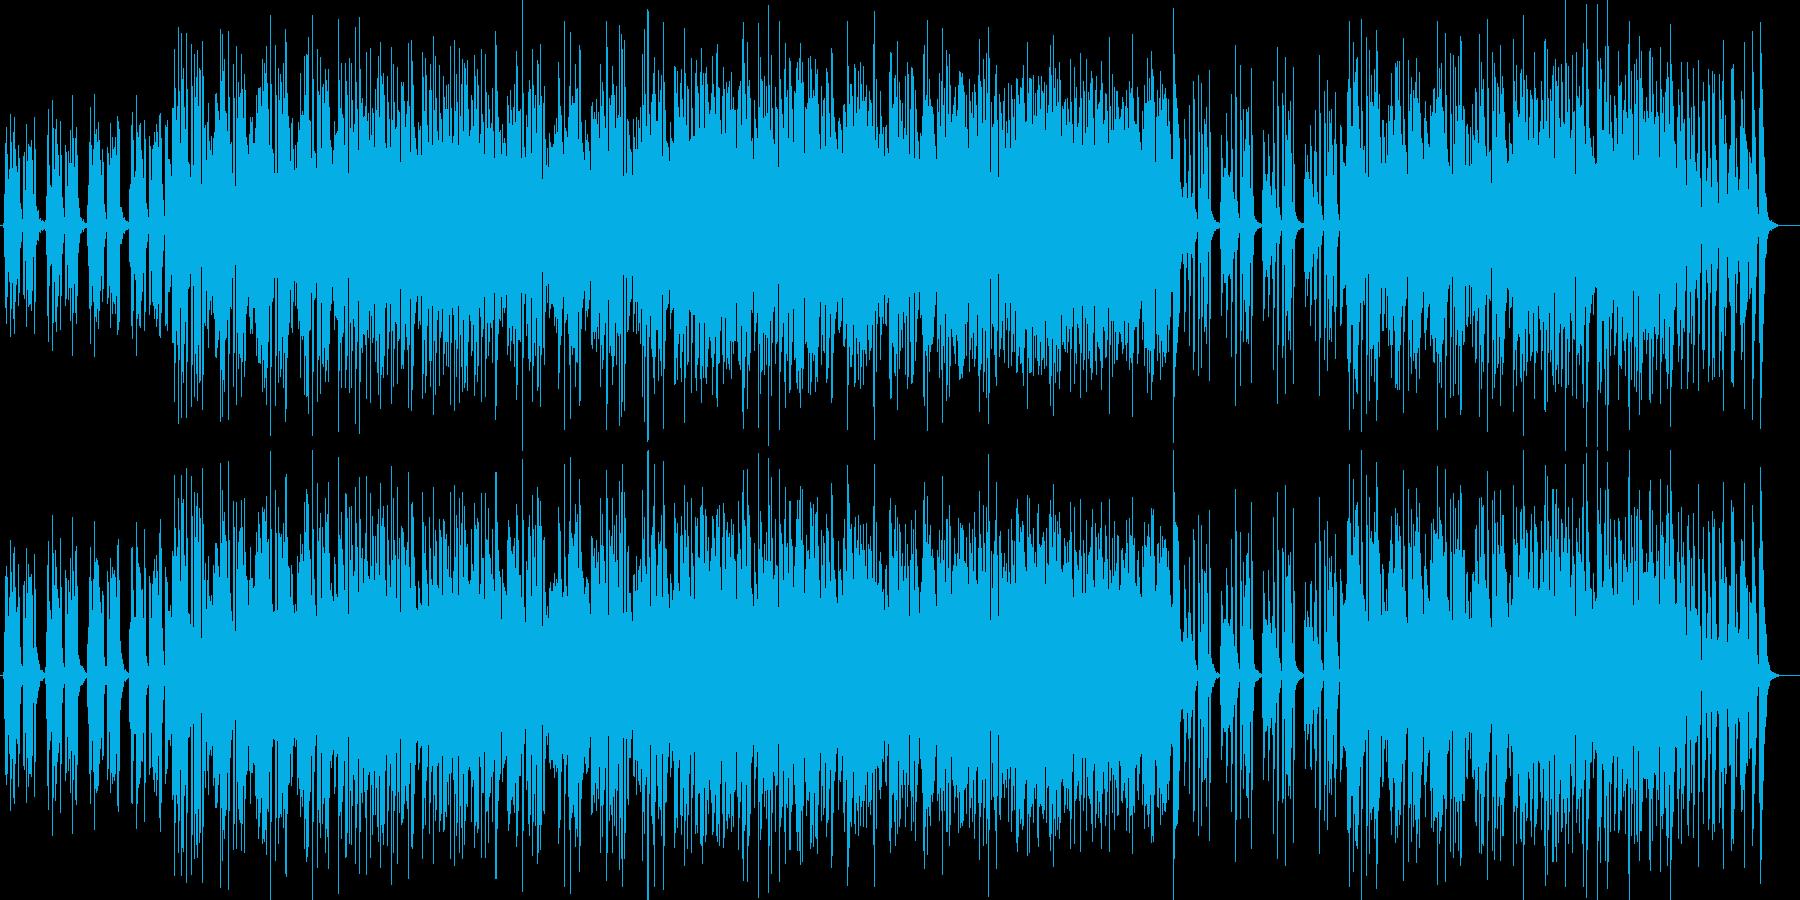 リゾート気分のギターシンセジャズポップの再生済みの波形